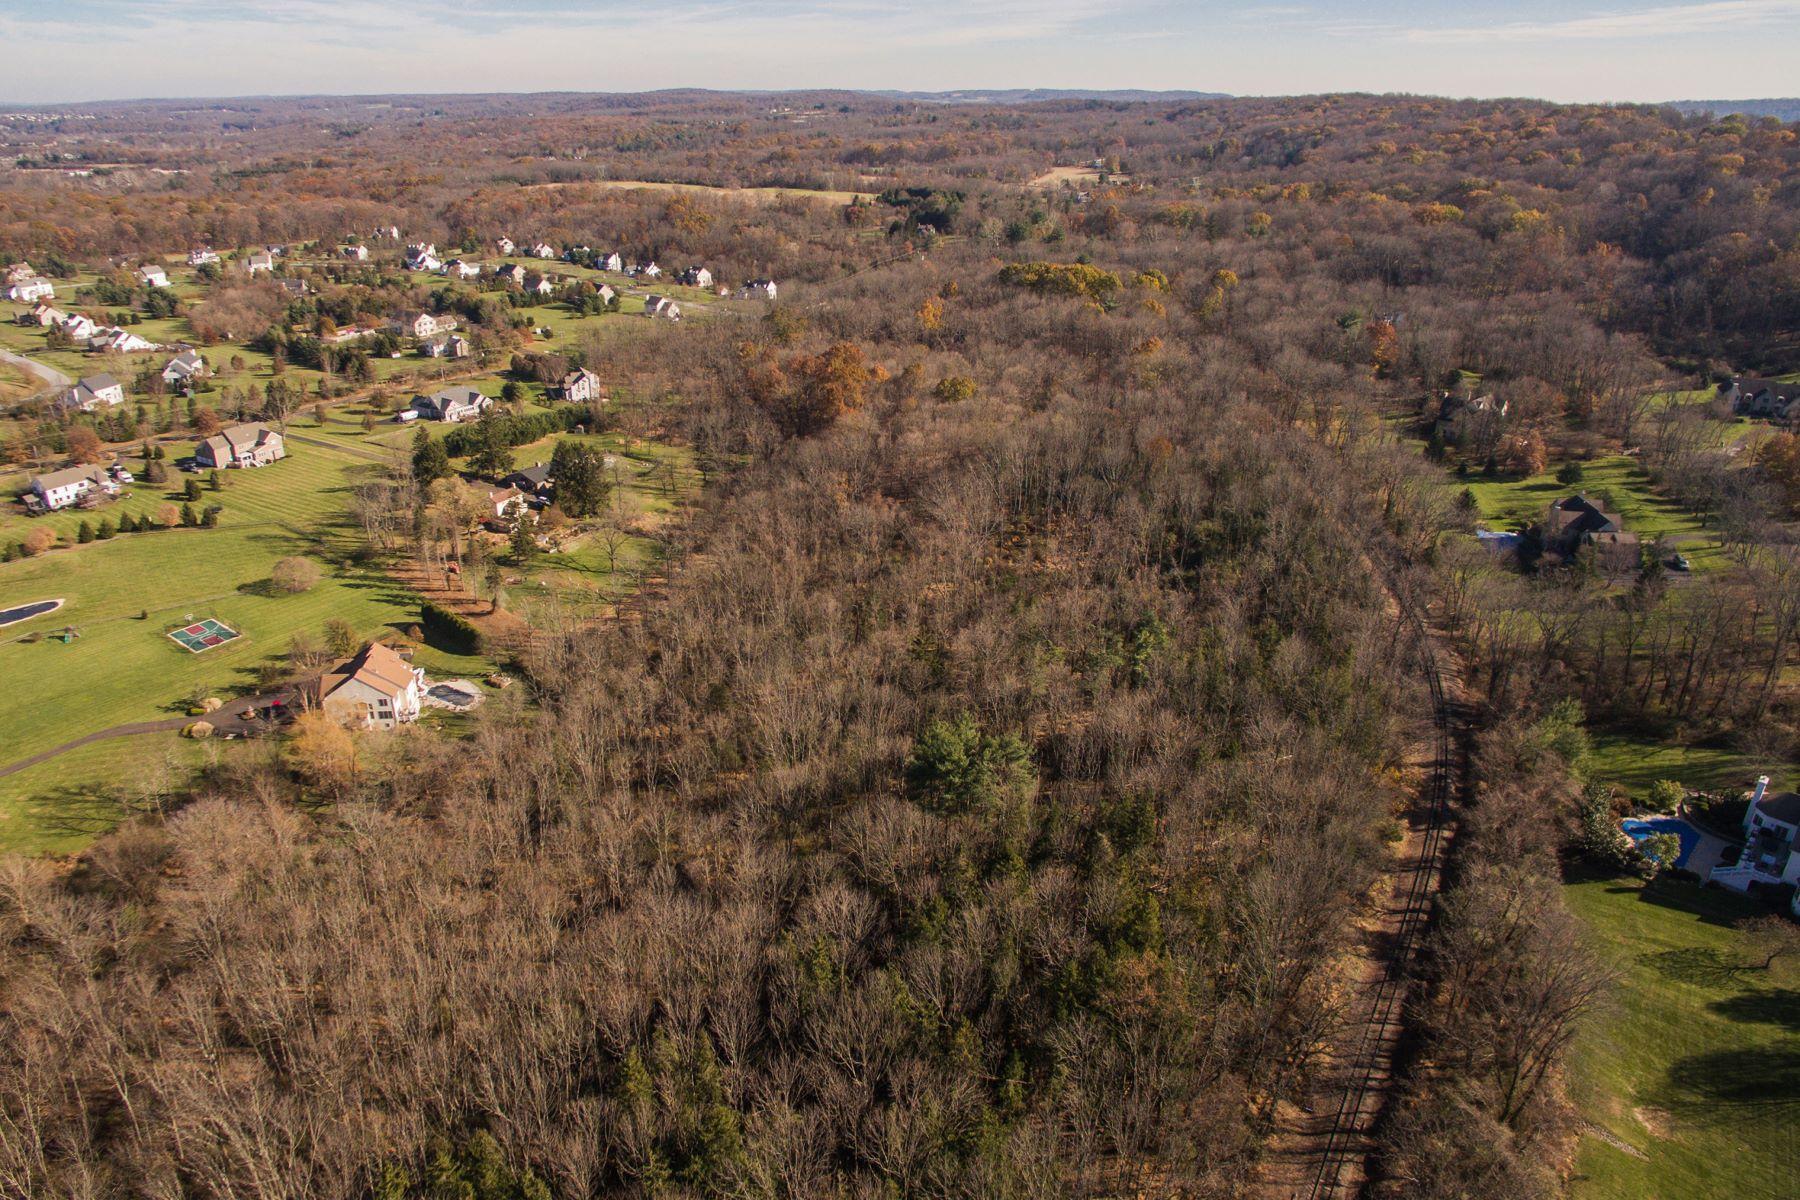 Terreno por un Venta en 00 Lower Mountain Rd 000 LOWER MOUNTAIN RD, New Hope, Pennsylvania, 18938 Estados Unidos